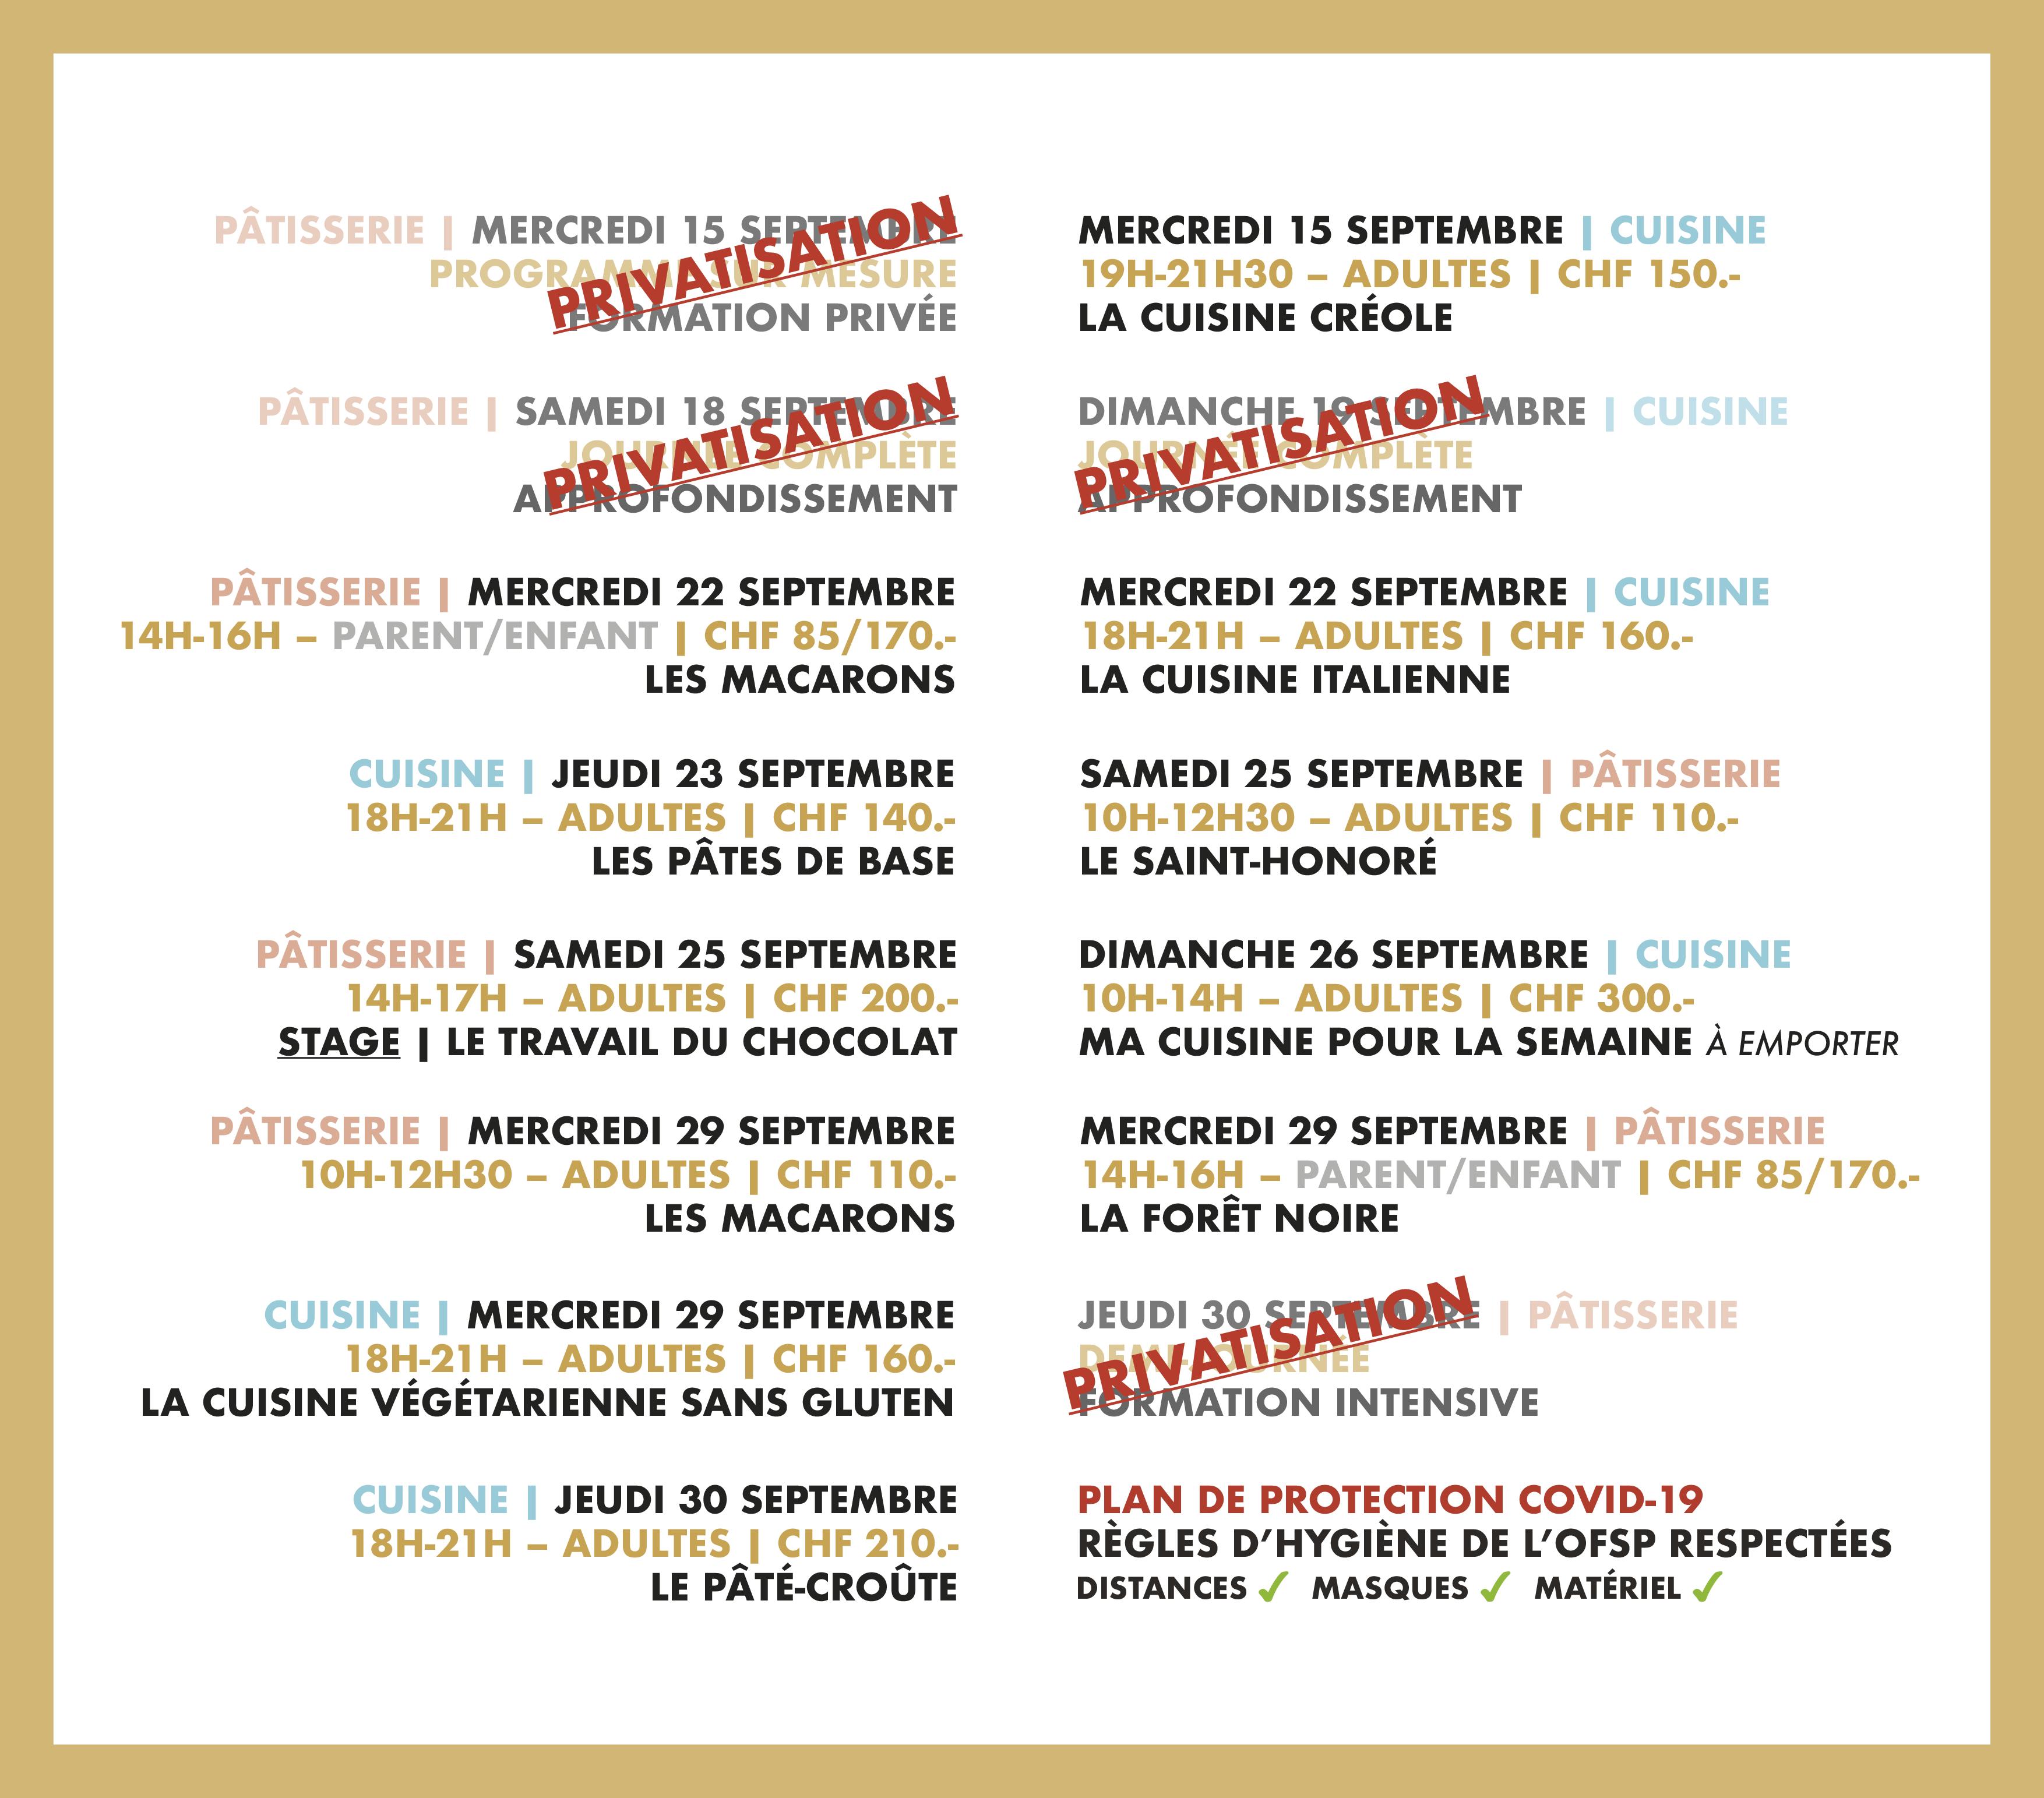 Programme du mois de septembre 2021